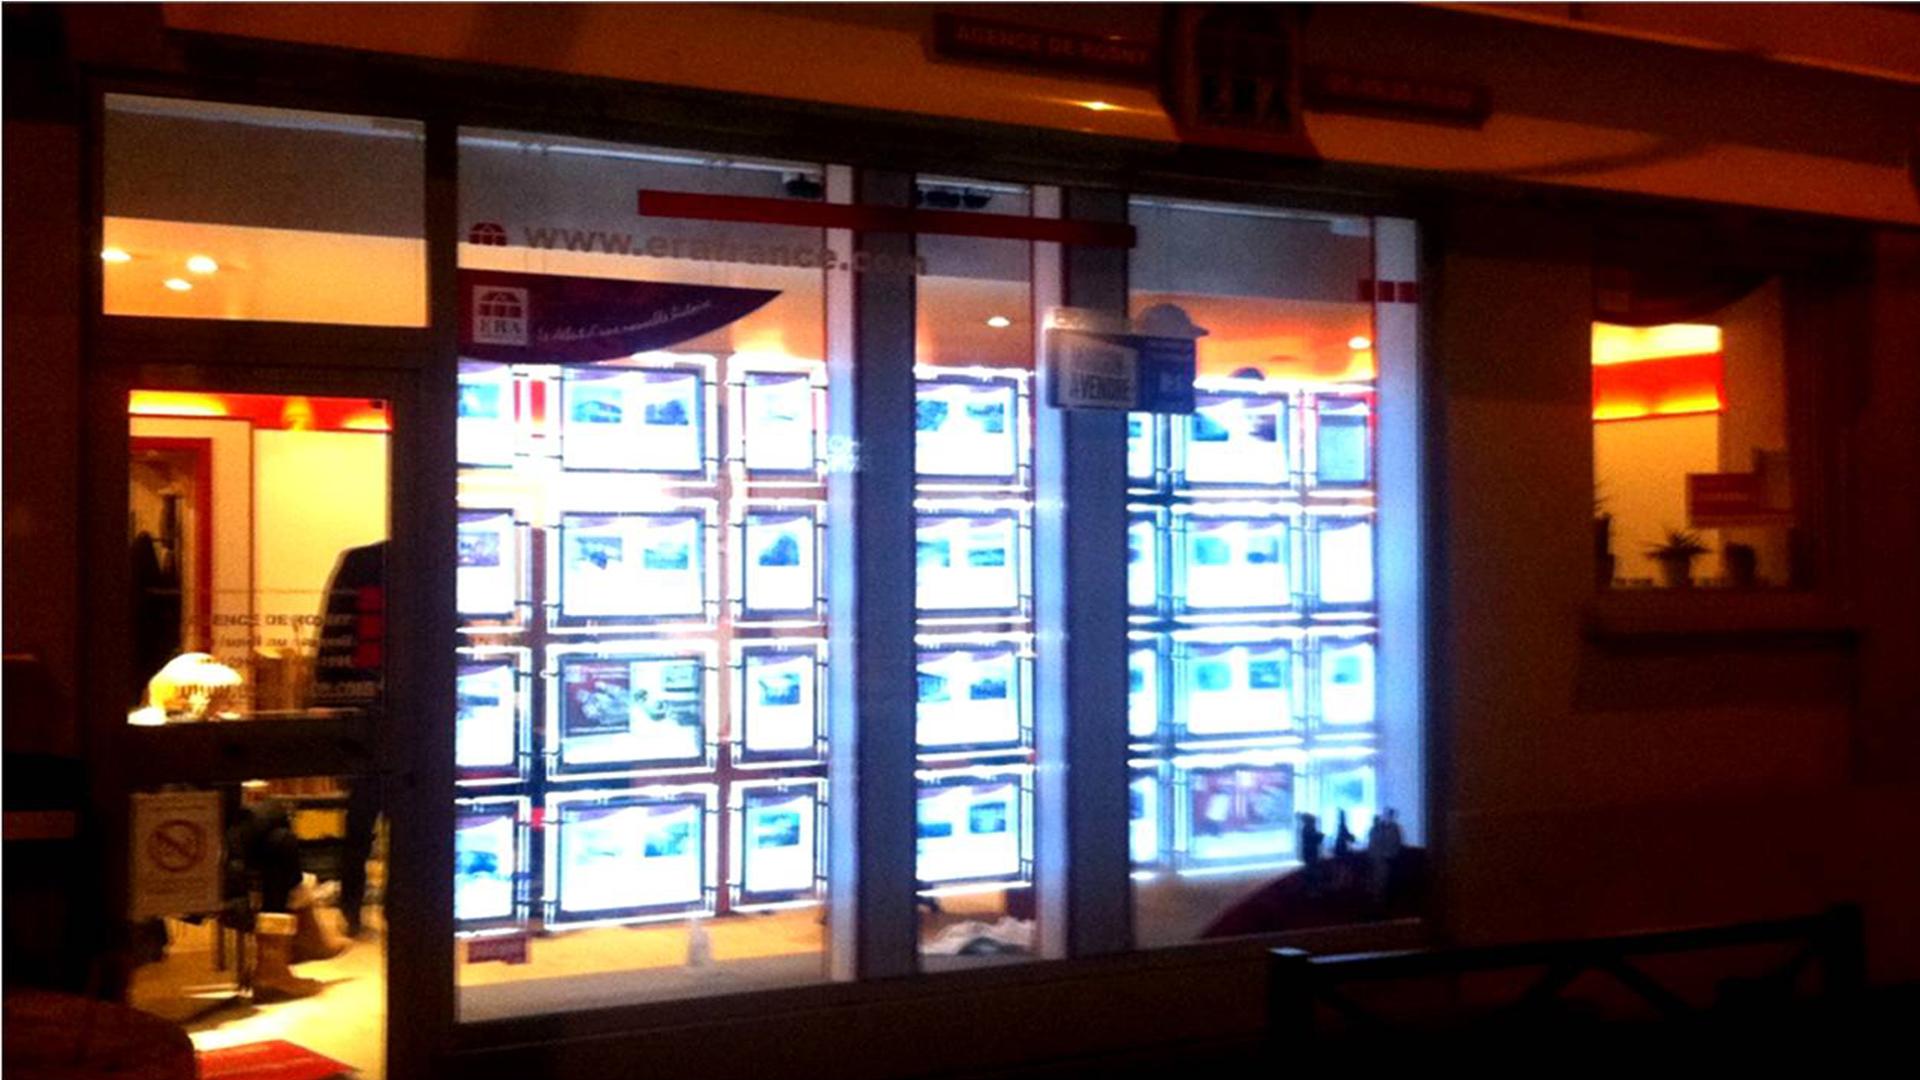 porte-affiche-led-agence immobilier-paris2